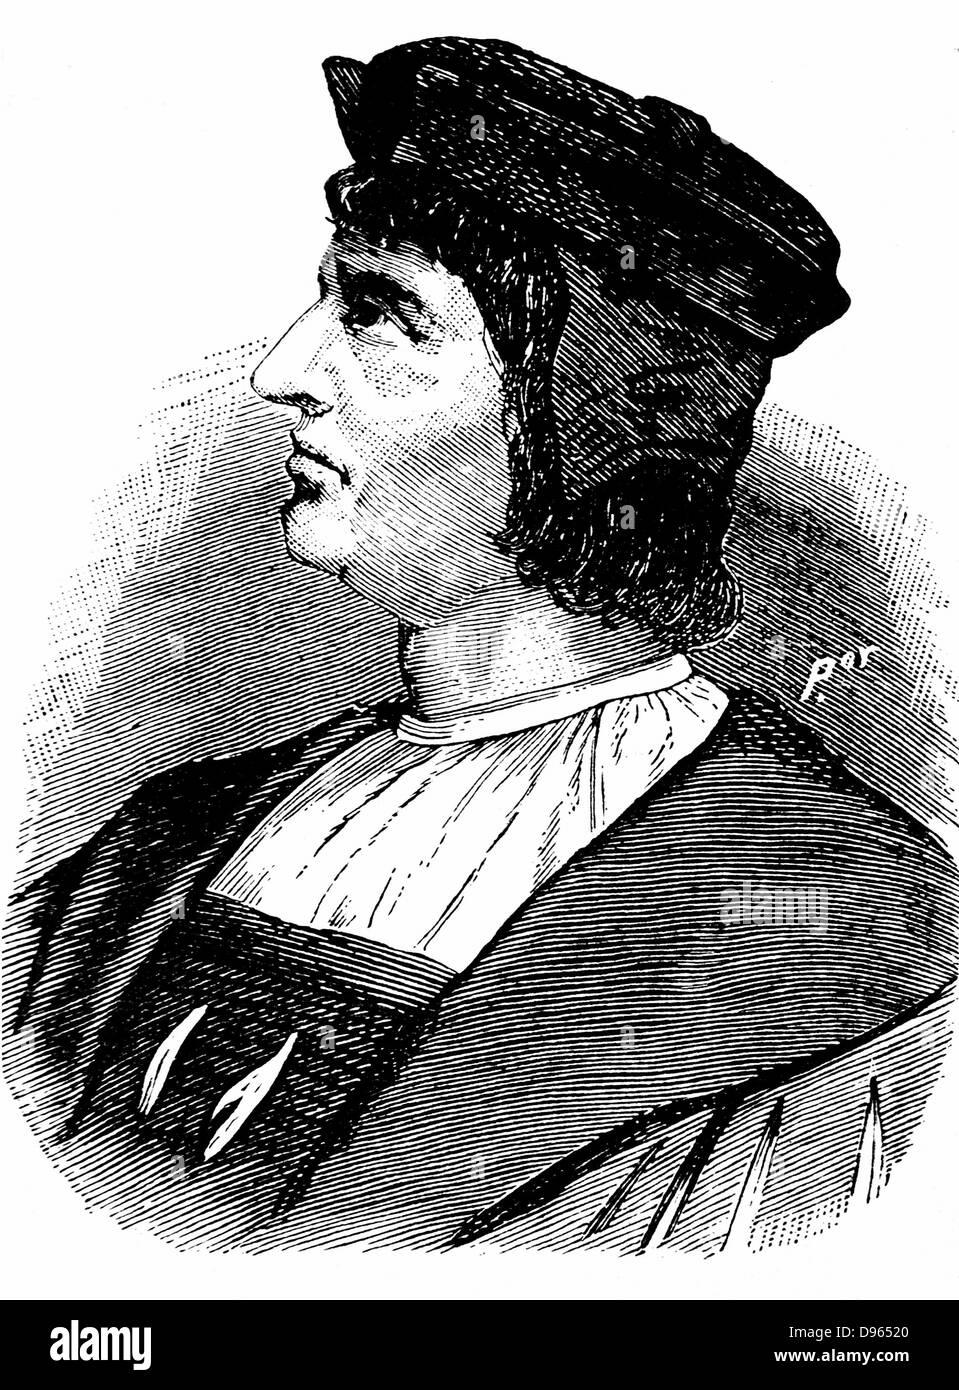 Bartholemew Diaz (Dias c1455-1500). Portugese navigator. 19th century wood engraving. - Stock Image